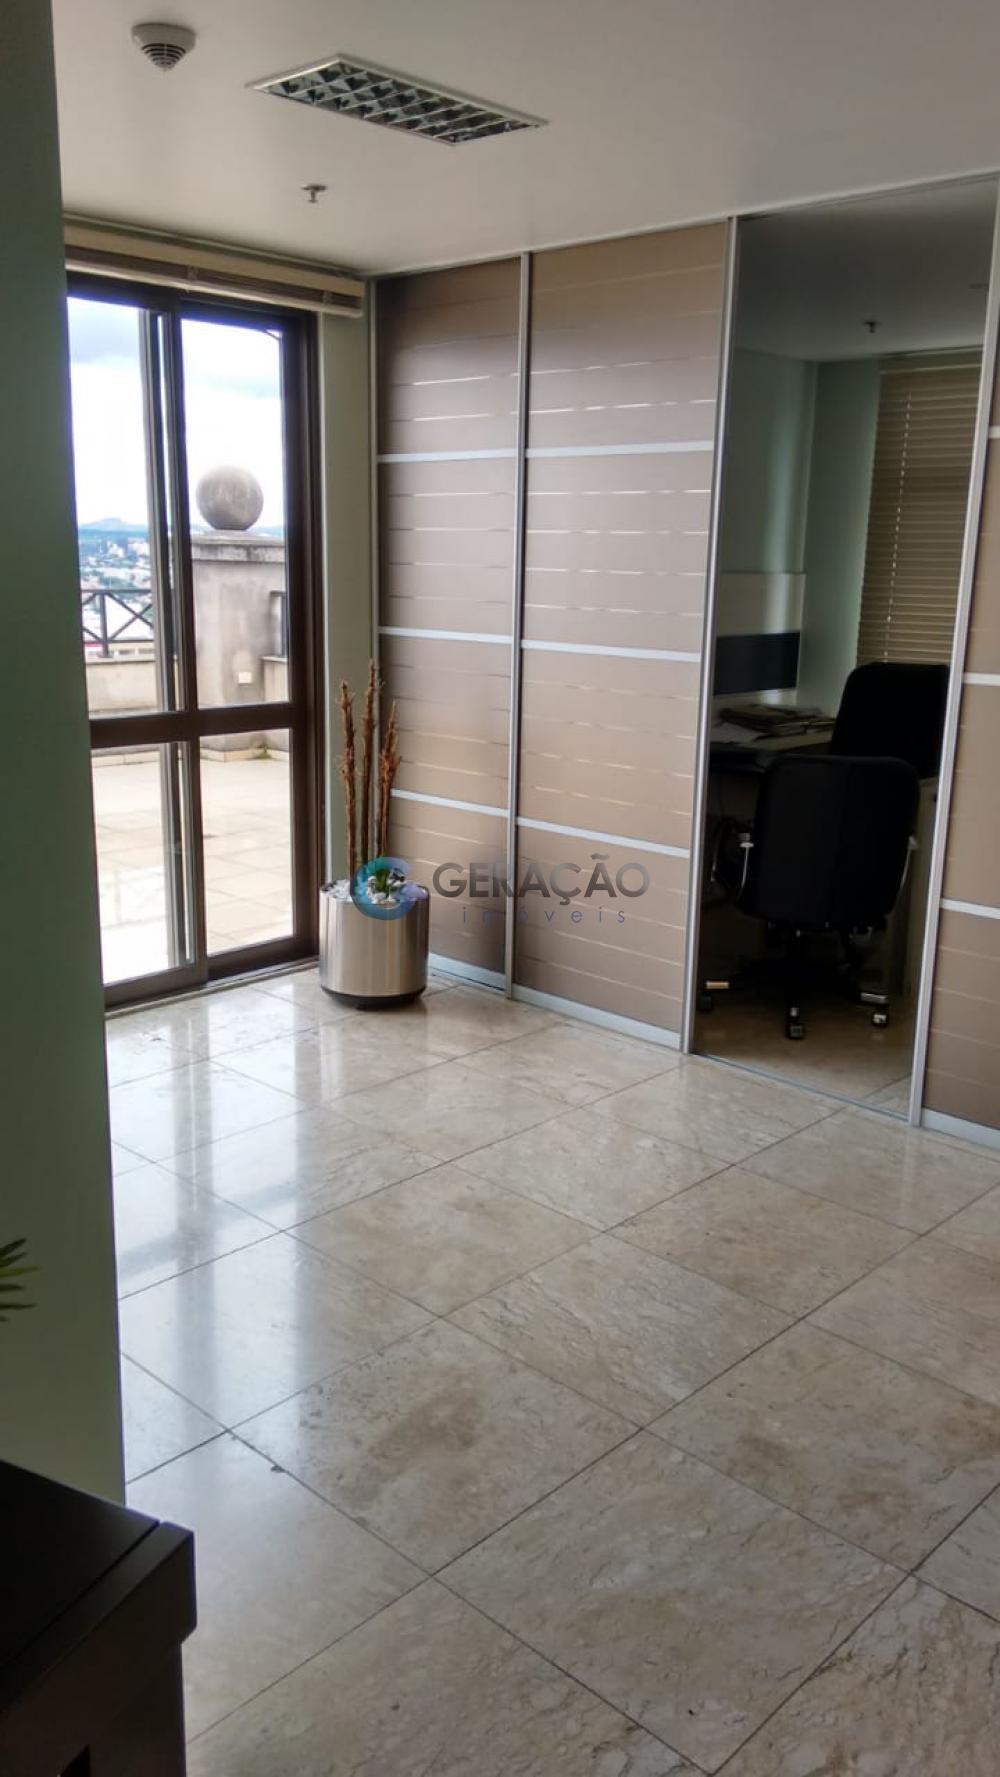 Alugar Comercial / Sala em Condomínio em São José dos Campos R$ 5.000,00 - Foto 8